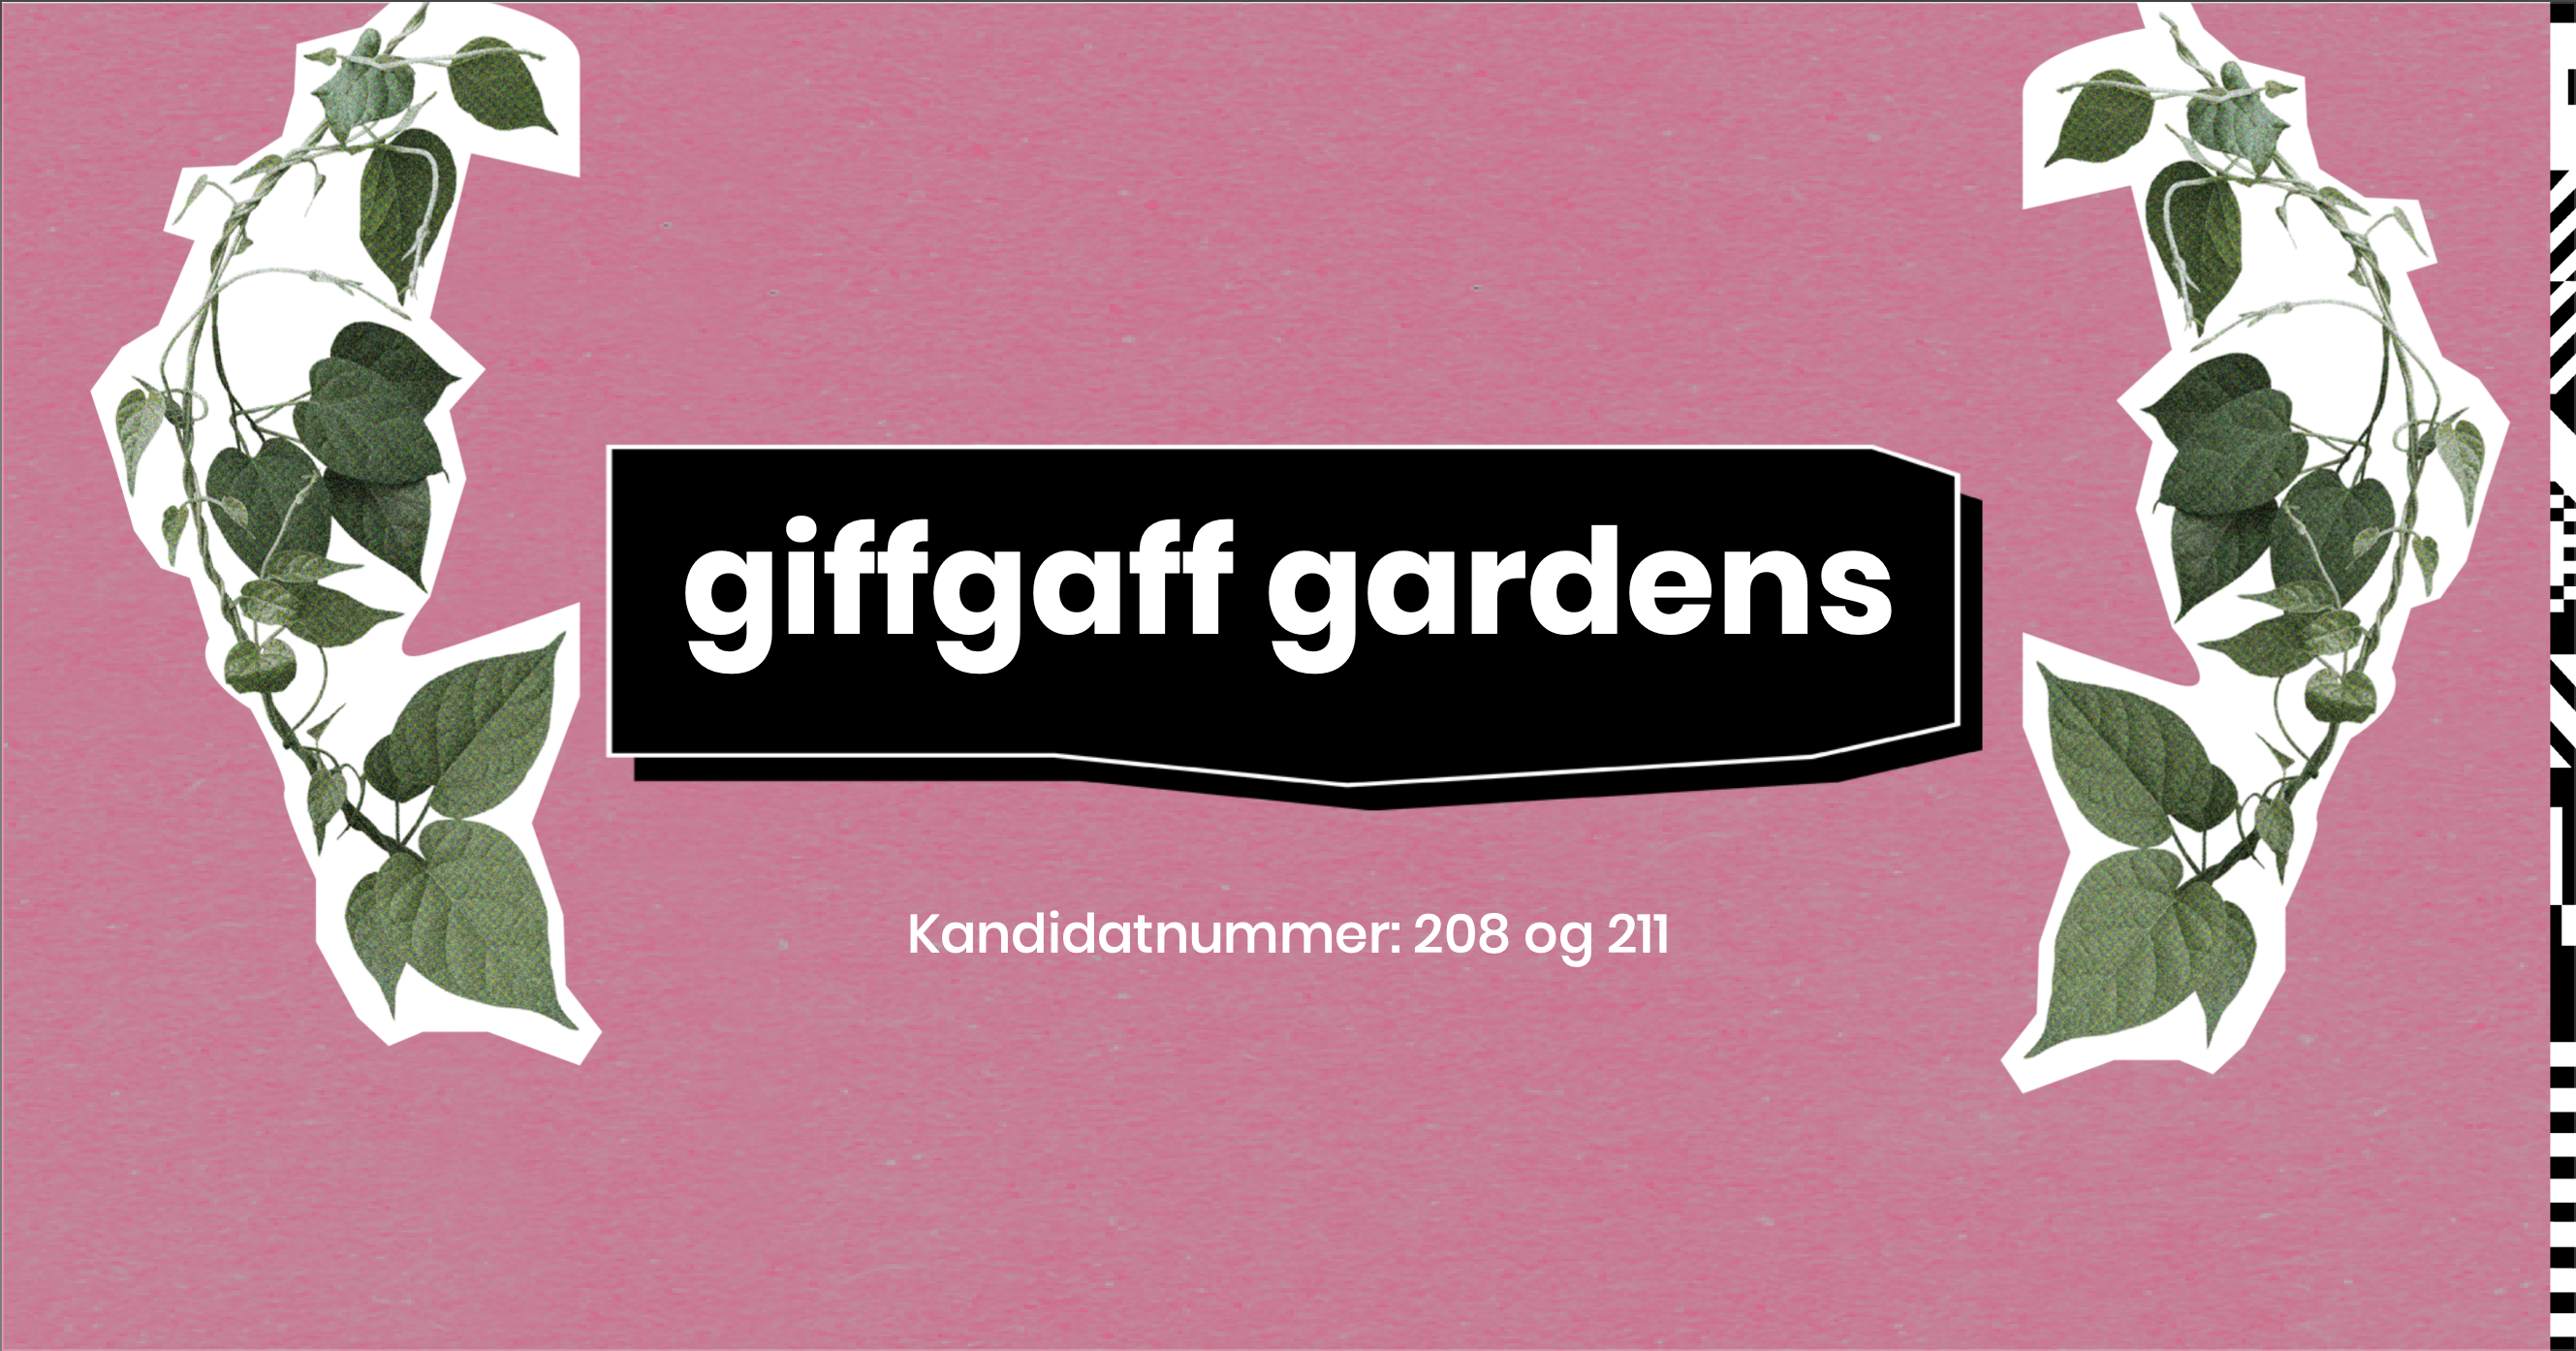 Westerdals Institutt for Kommunikasjon og Design - Giffgaff Gardens